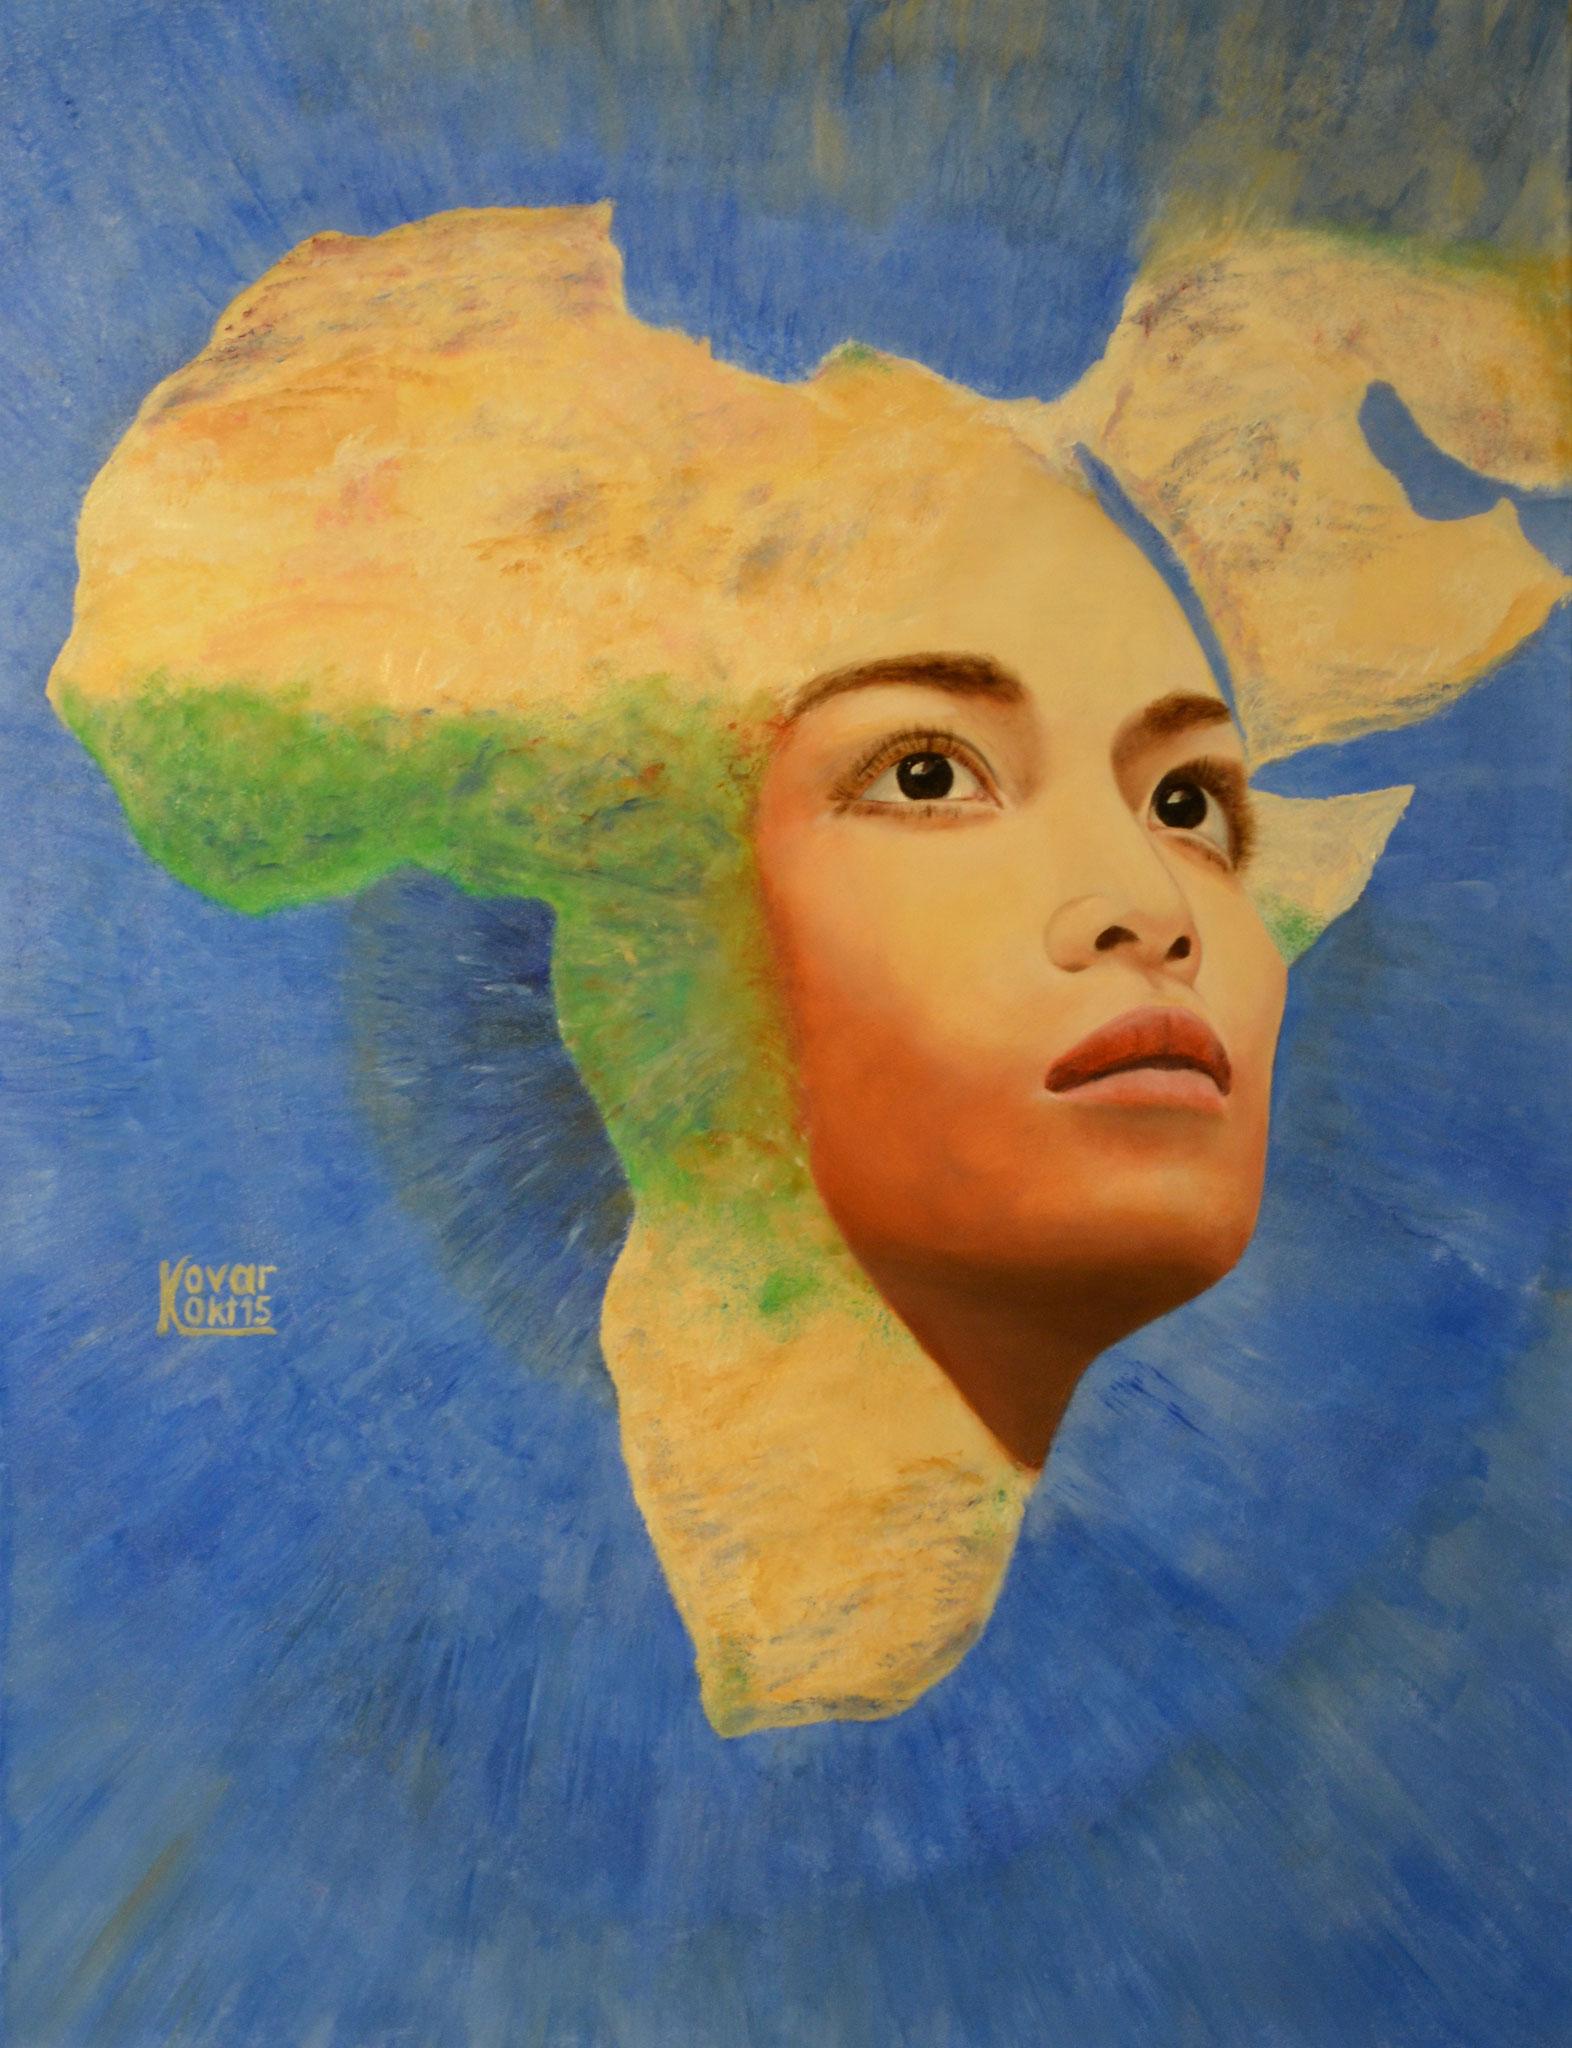 Die Frau in der Schönheit ihrer Formen und ihres Intellekts ist  in diesem Kunstwerk präsent. Das Frauenideal in die Fülle des afrikanischen Kontinents verwandelt der Künstler hier in eine einzigartige generative Vision.